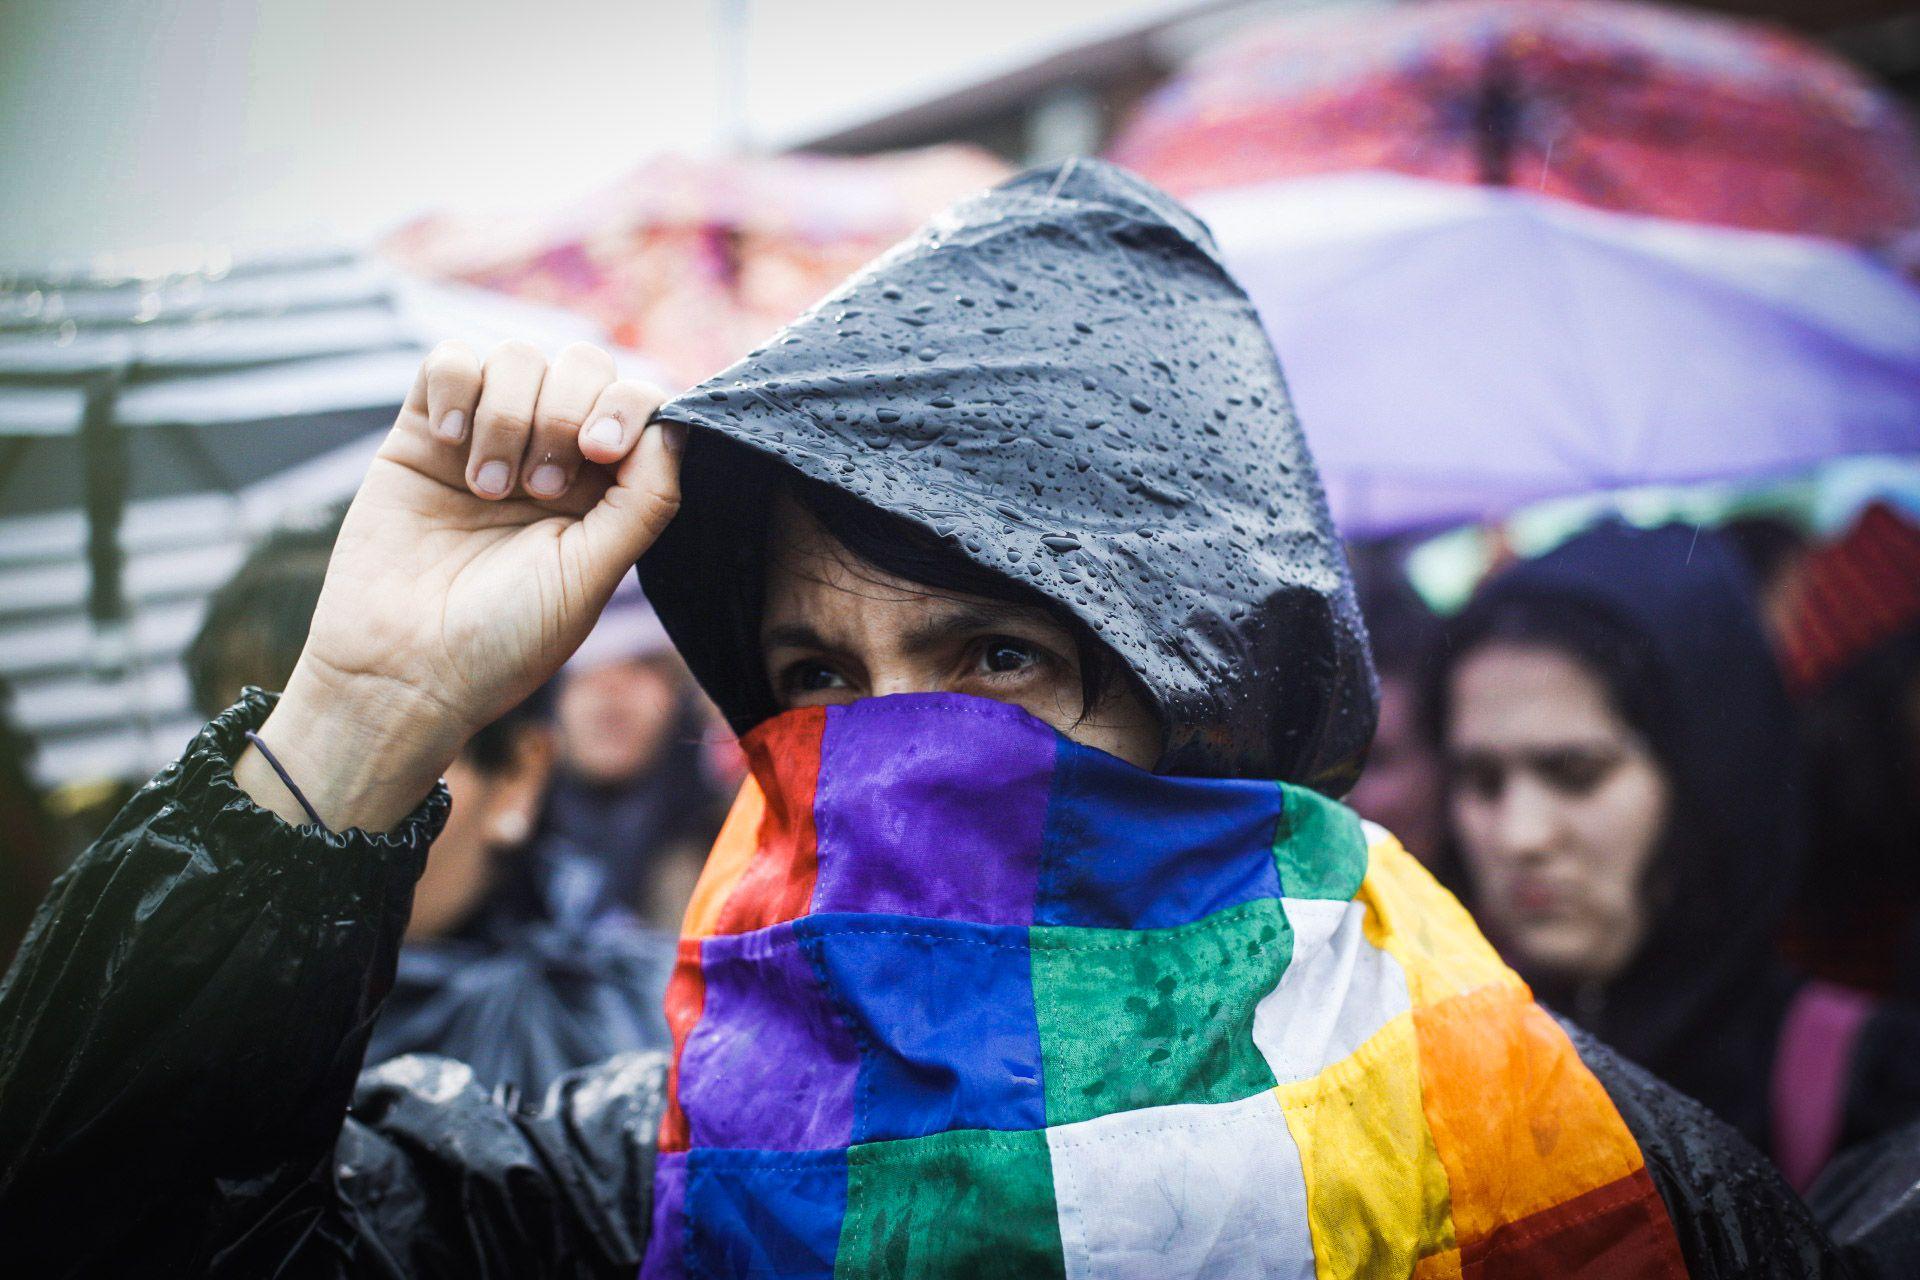 La bandera de los cuadraditos de colores flameó por todos los espacios públicos